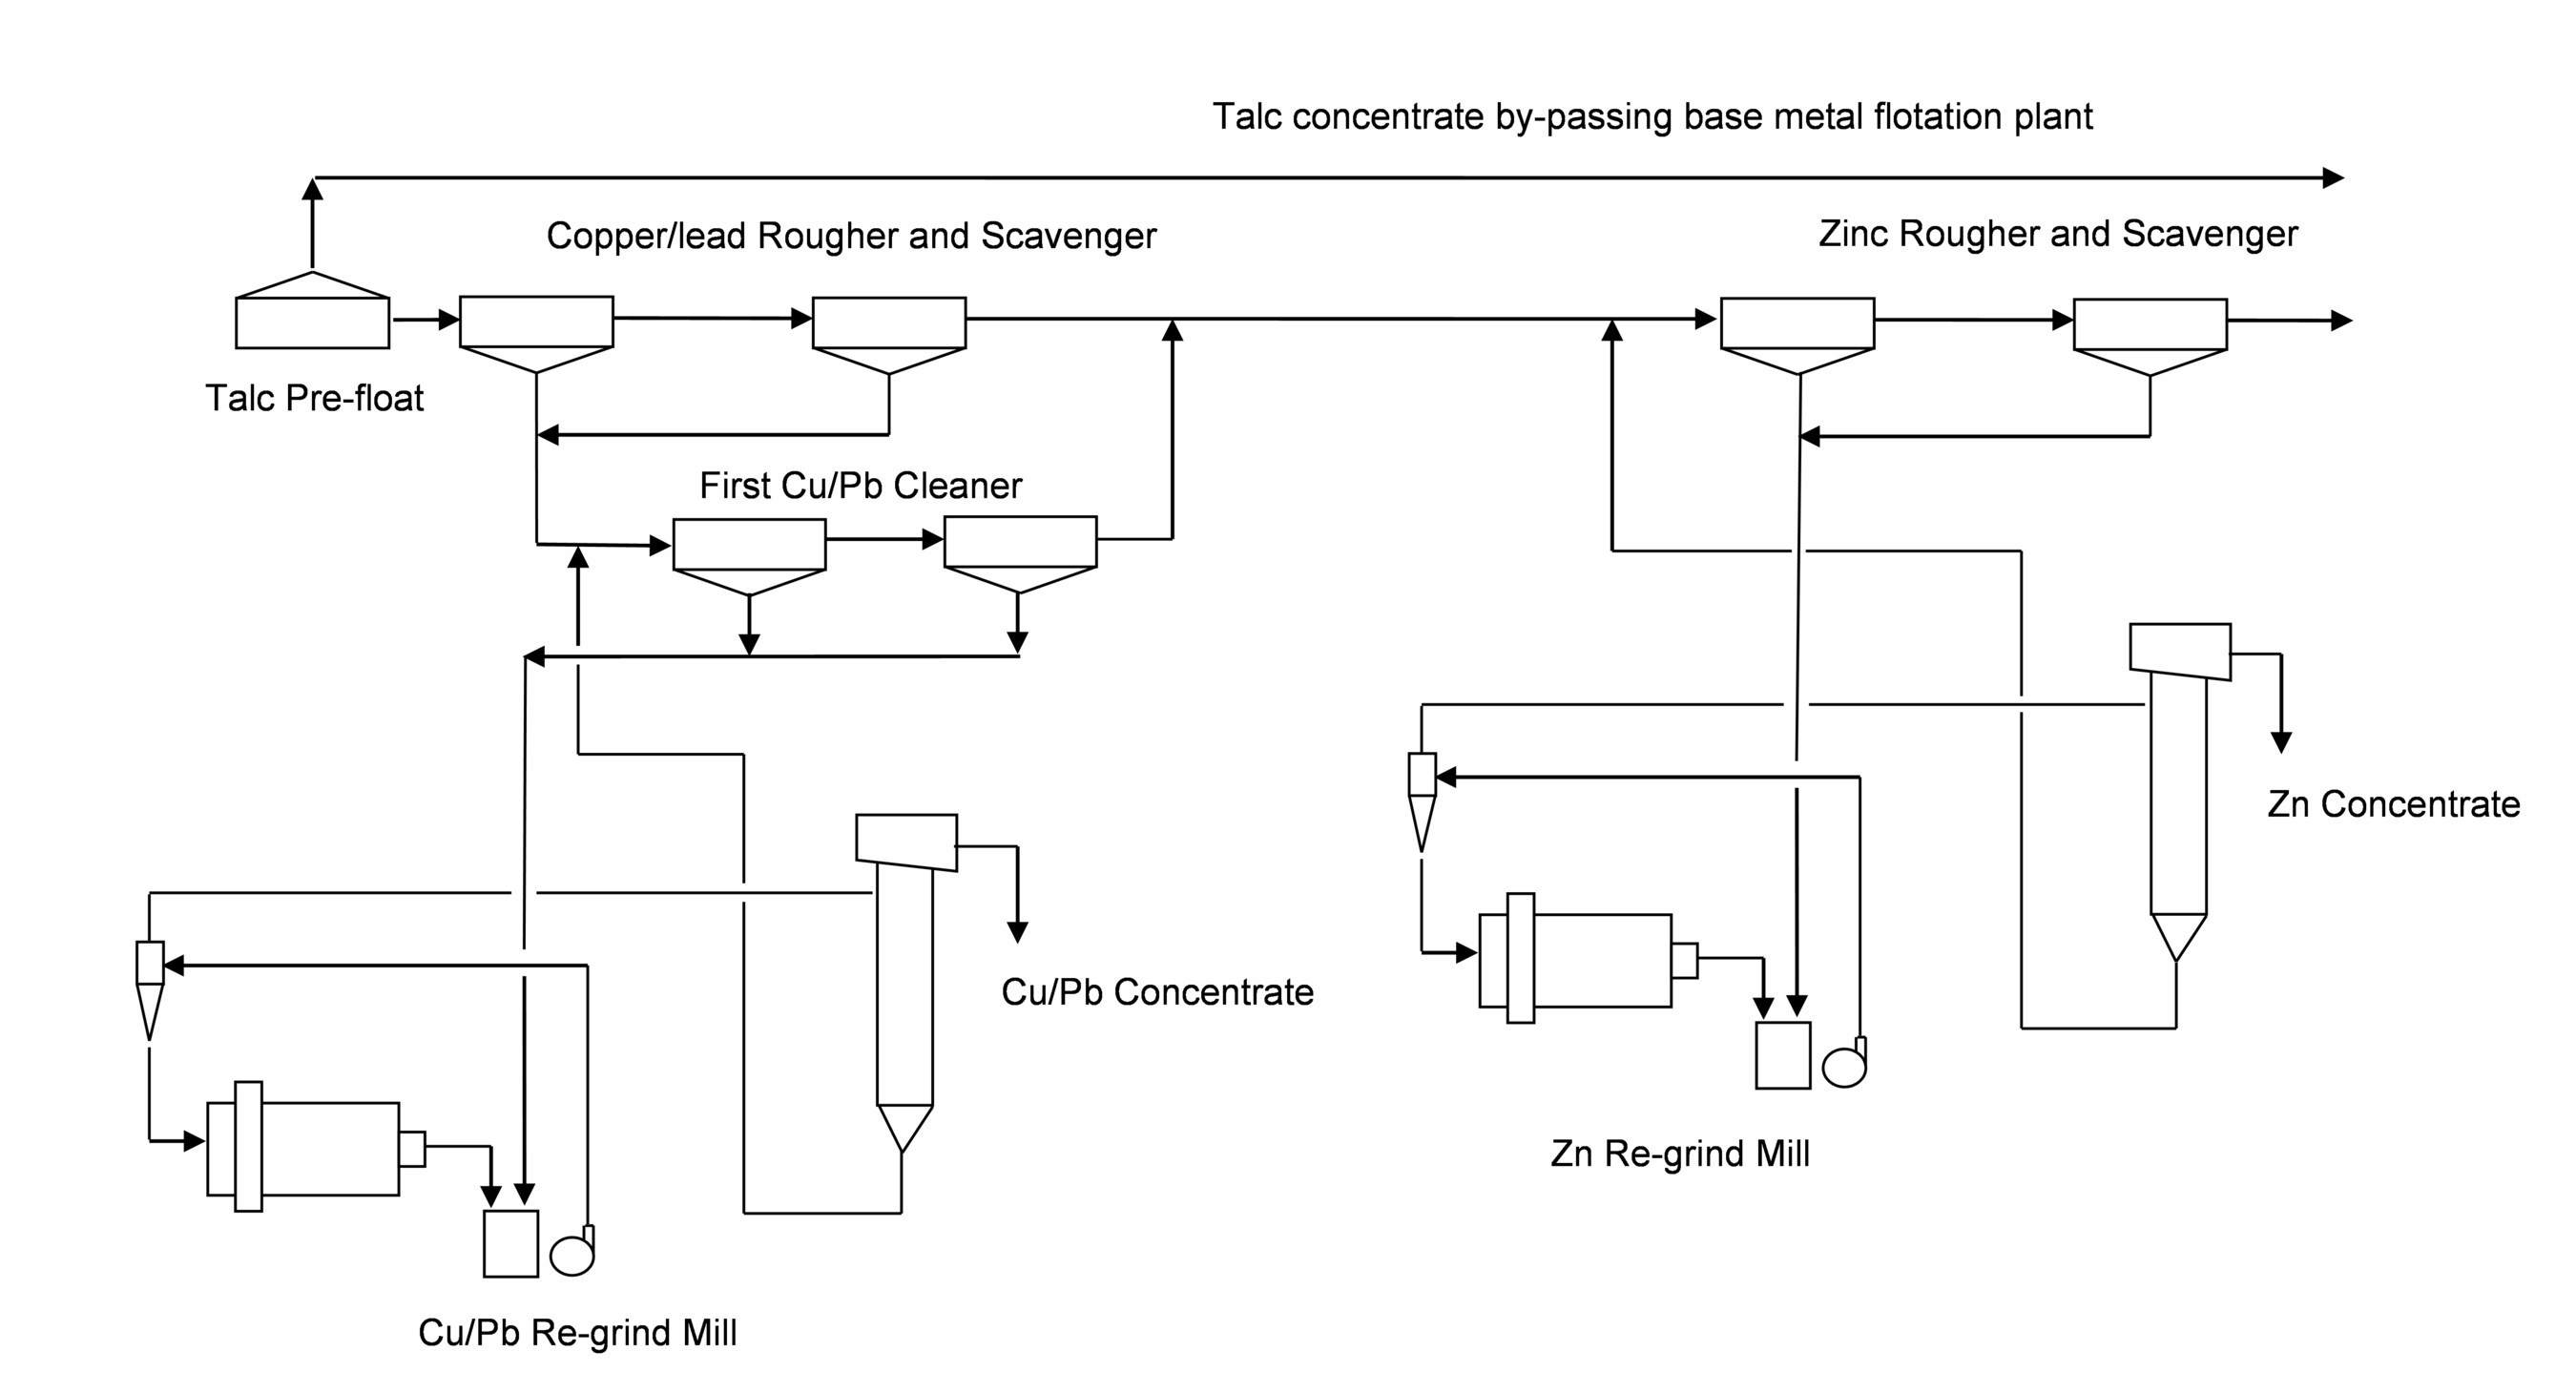 Figure 2: Arctic Copper-Lead-Zinc Flowsheet Showing Talc Pre-Float (CNW Group/Trilogy Metals Inc.)